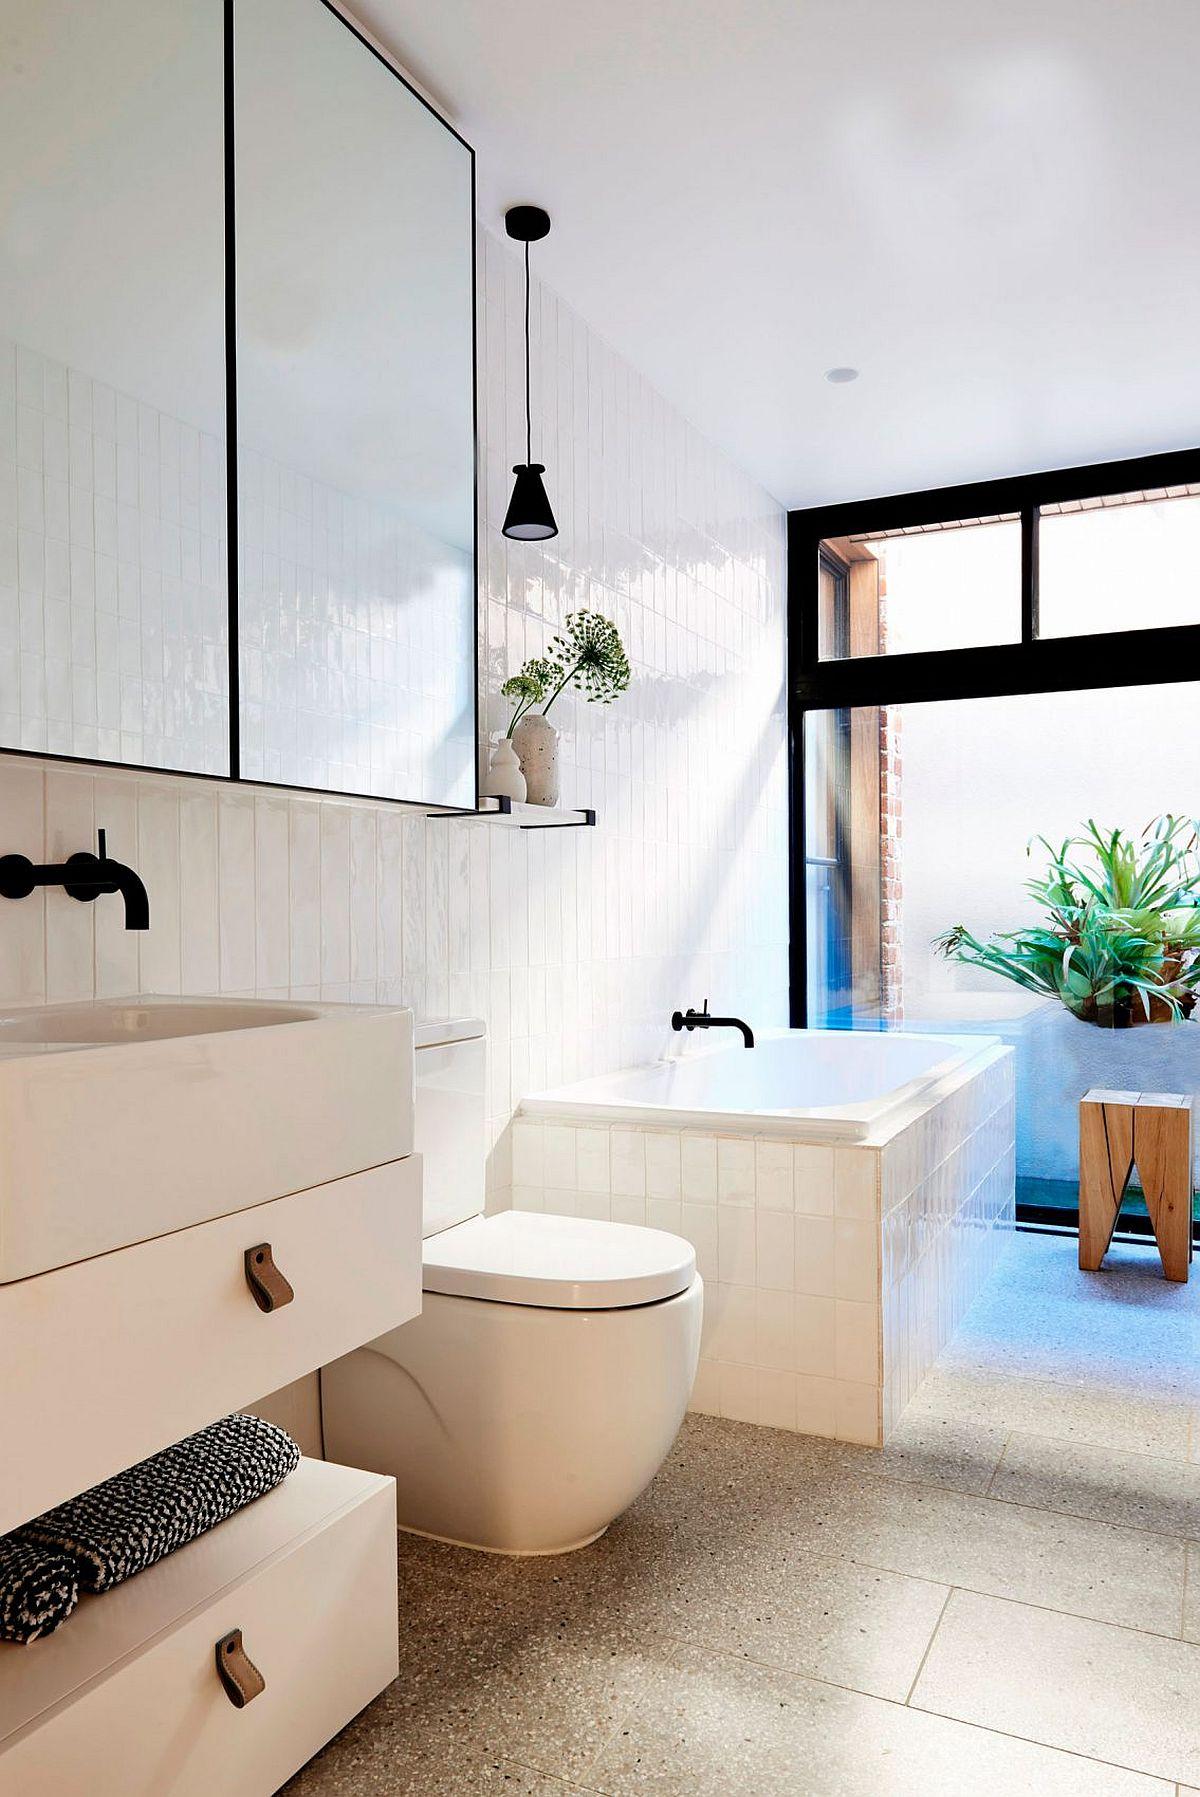 Small contemporary bathroom in white